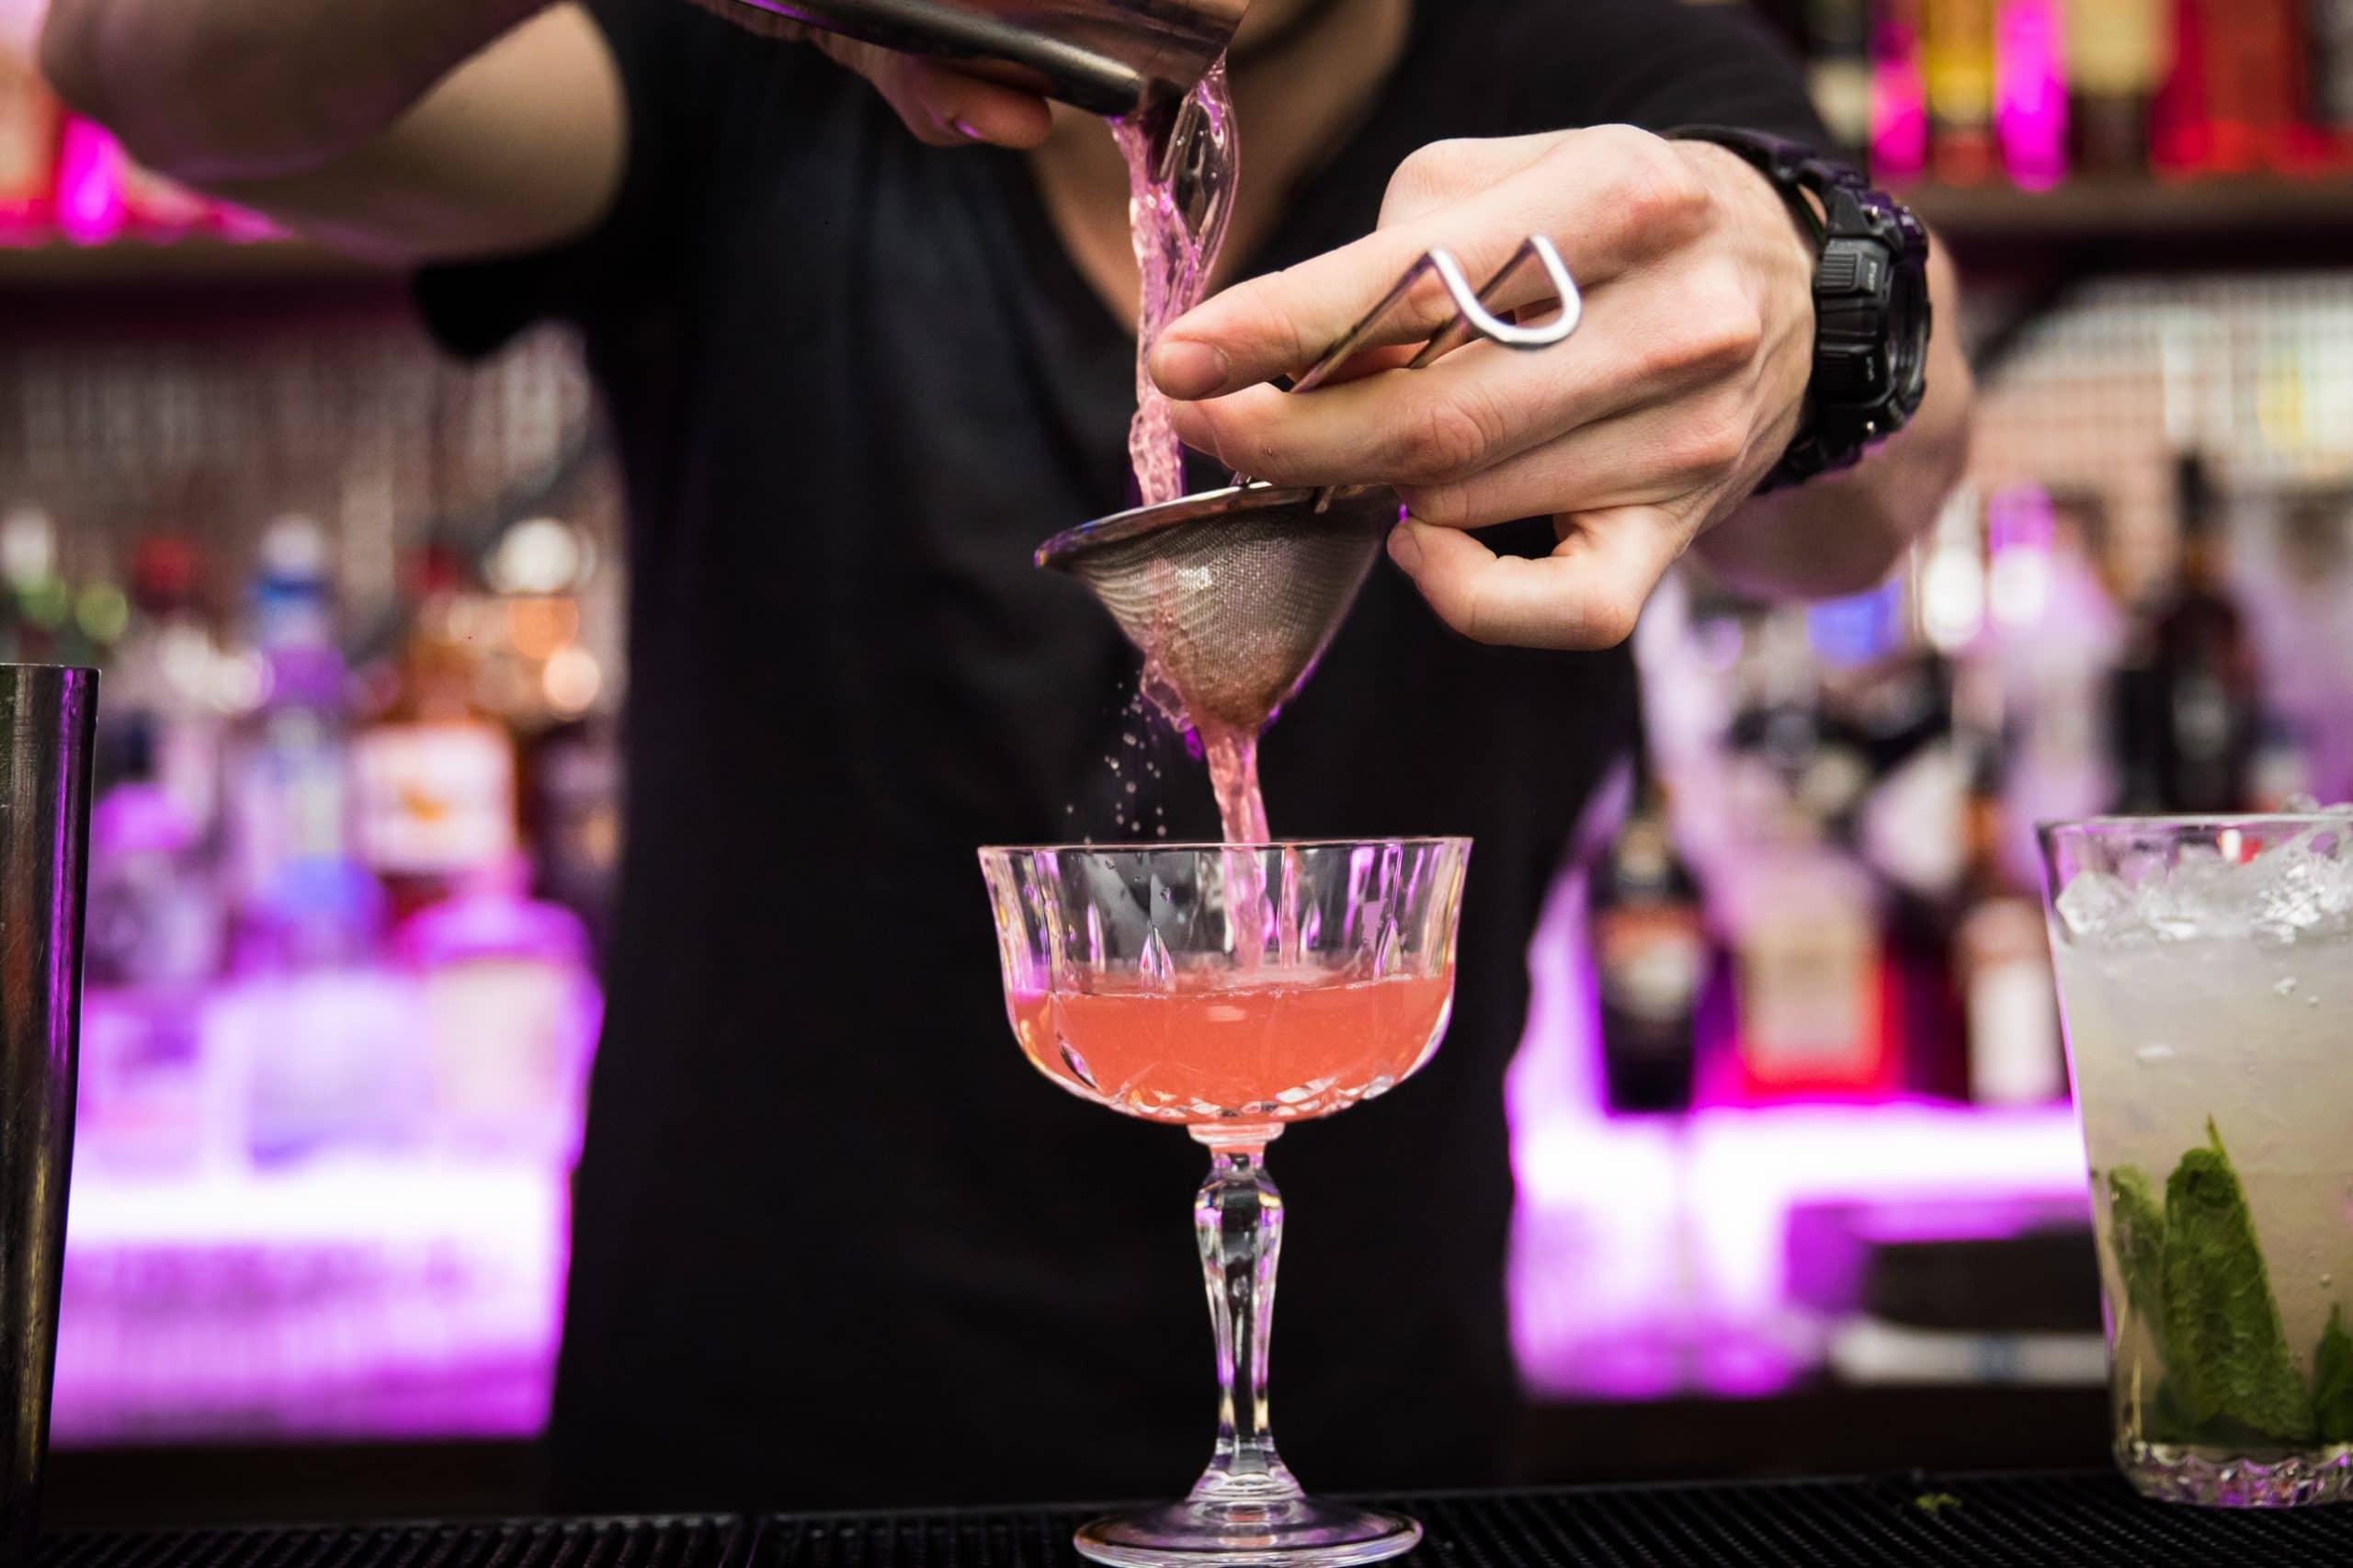 cocktail making at Sway bar